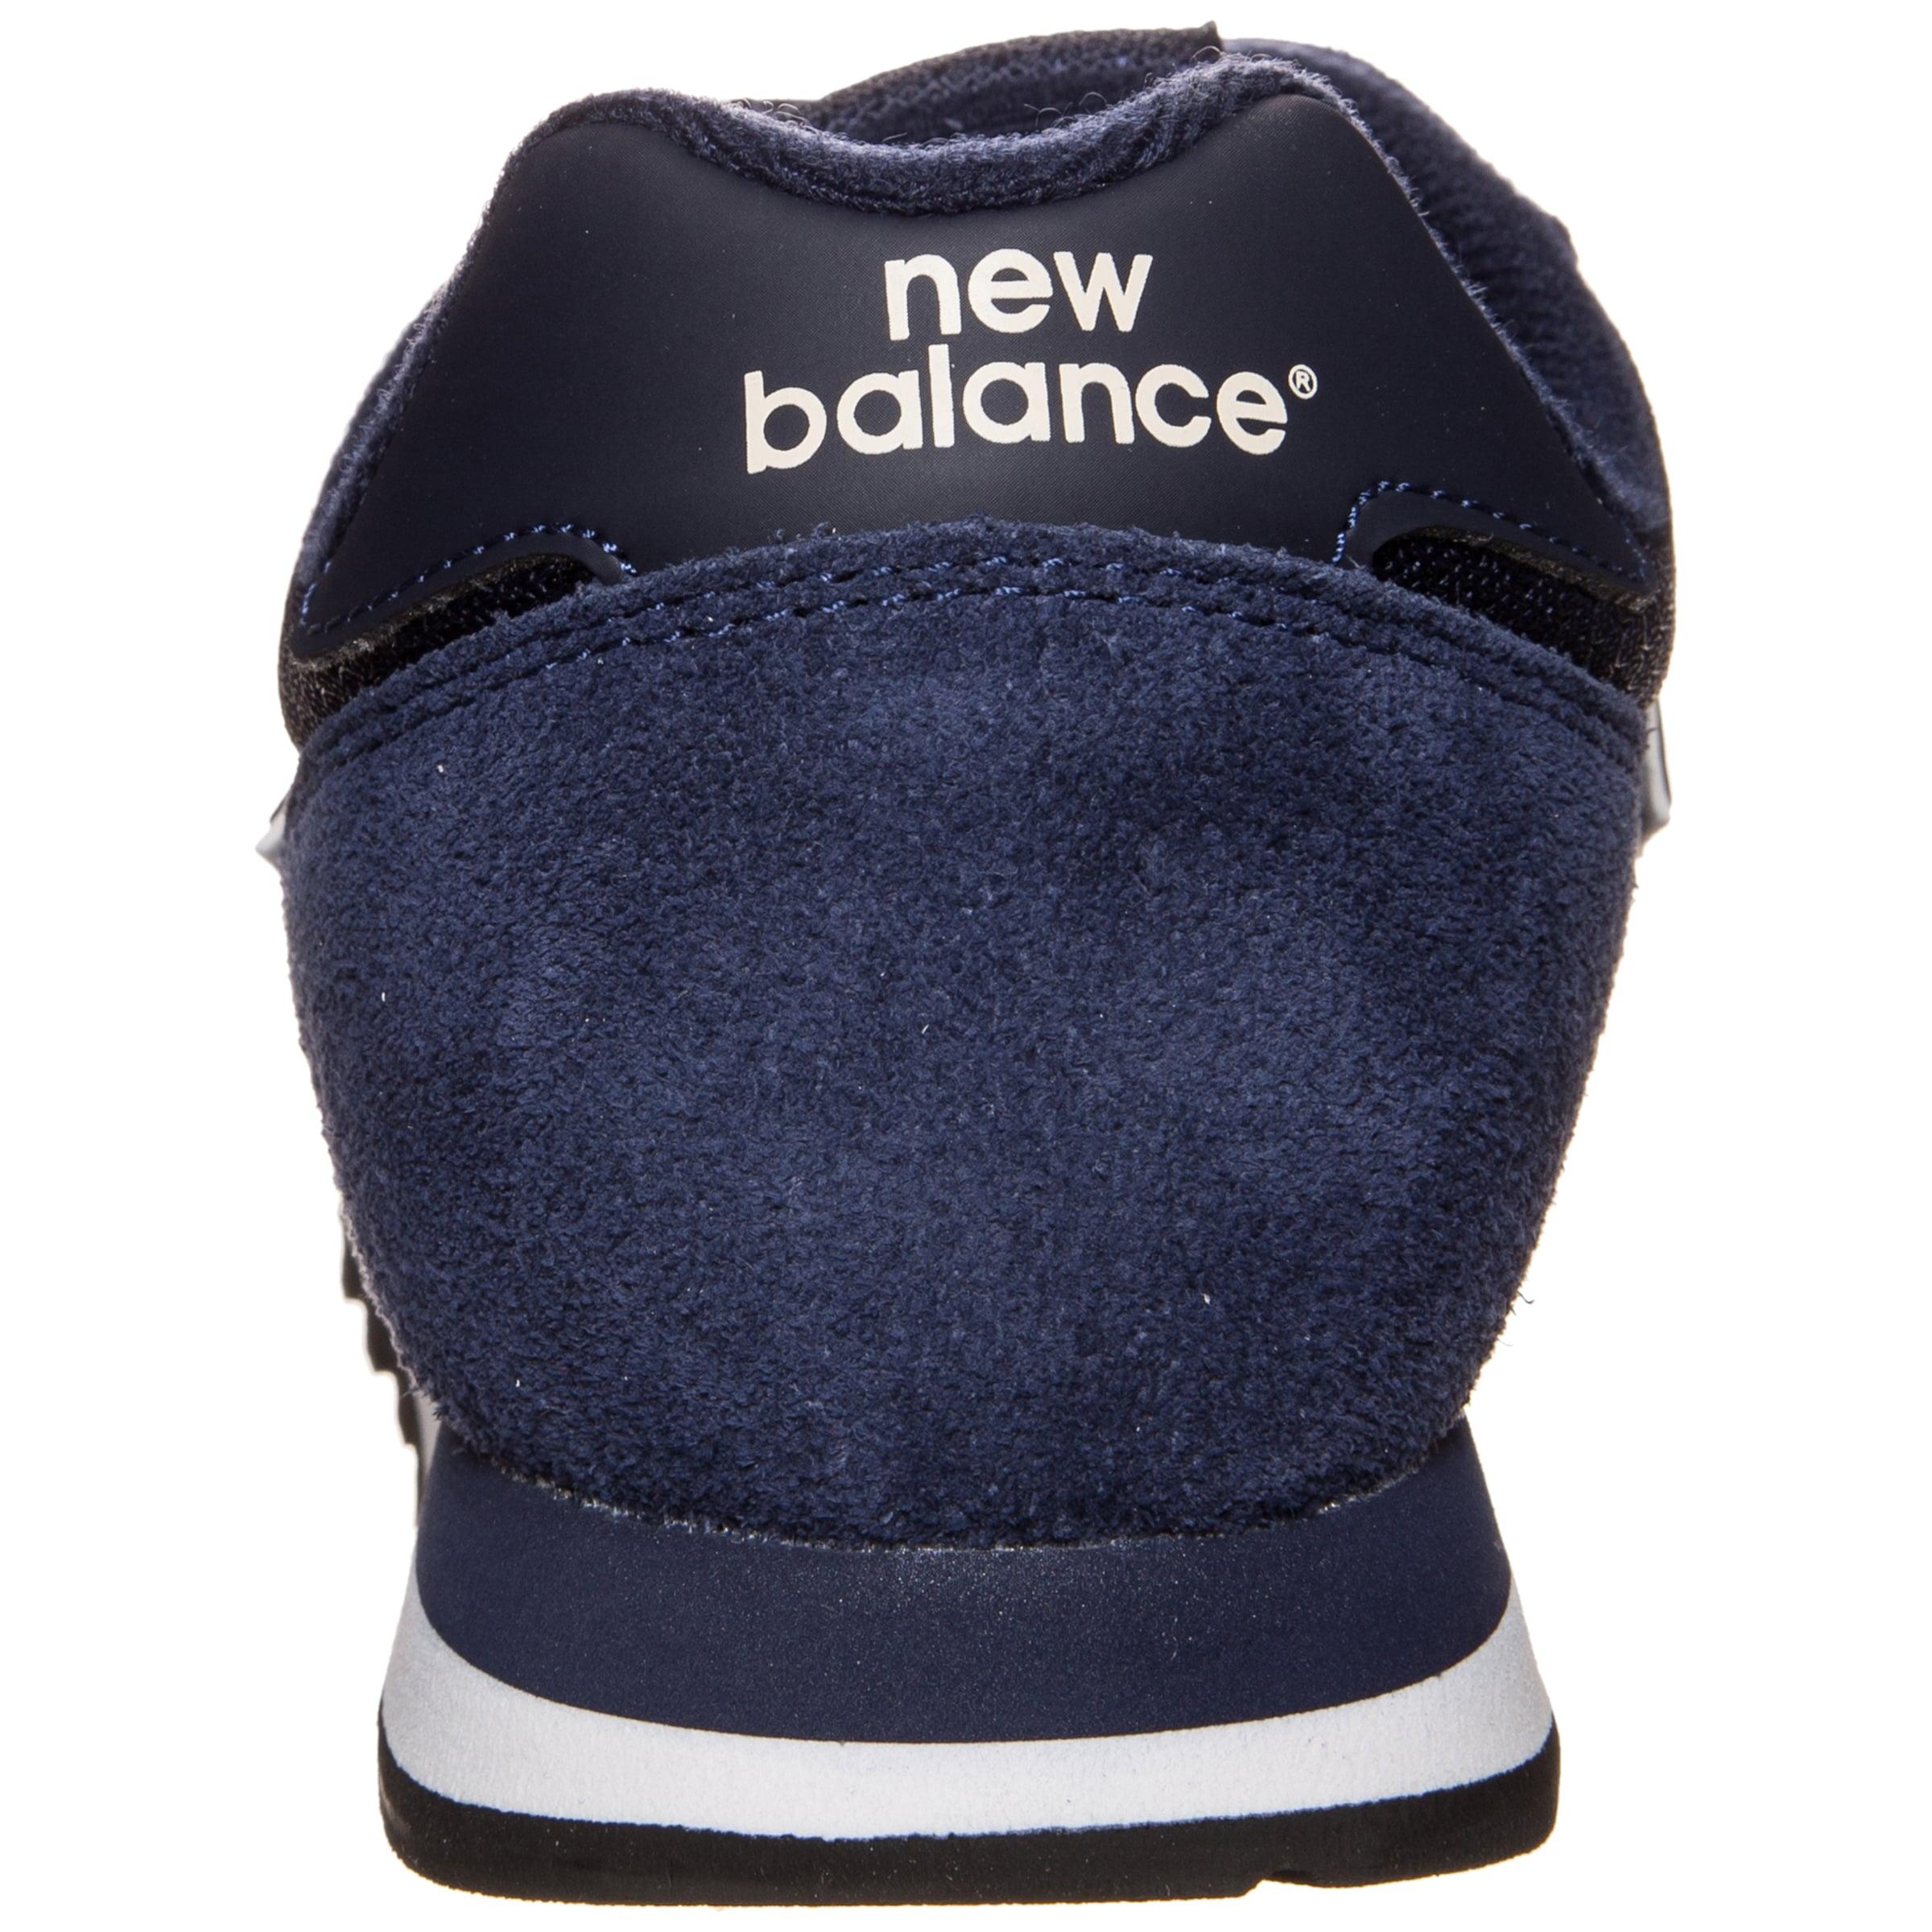 Rabatt Offizielle Seite new balance 'WL373-MIN-B' Sneaker Damen Ebay Verkauf Online Mit Mastercard Online Factory Outlet Günstig Online Erhalten Zu Kaufen u74LIY14Cm